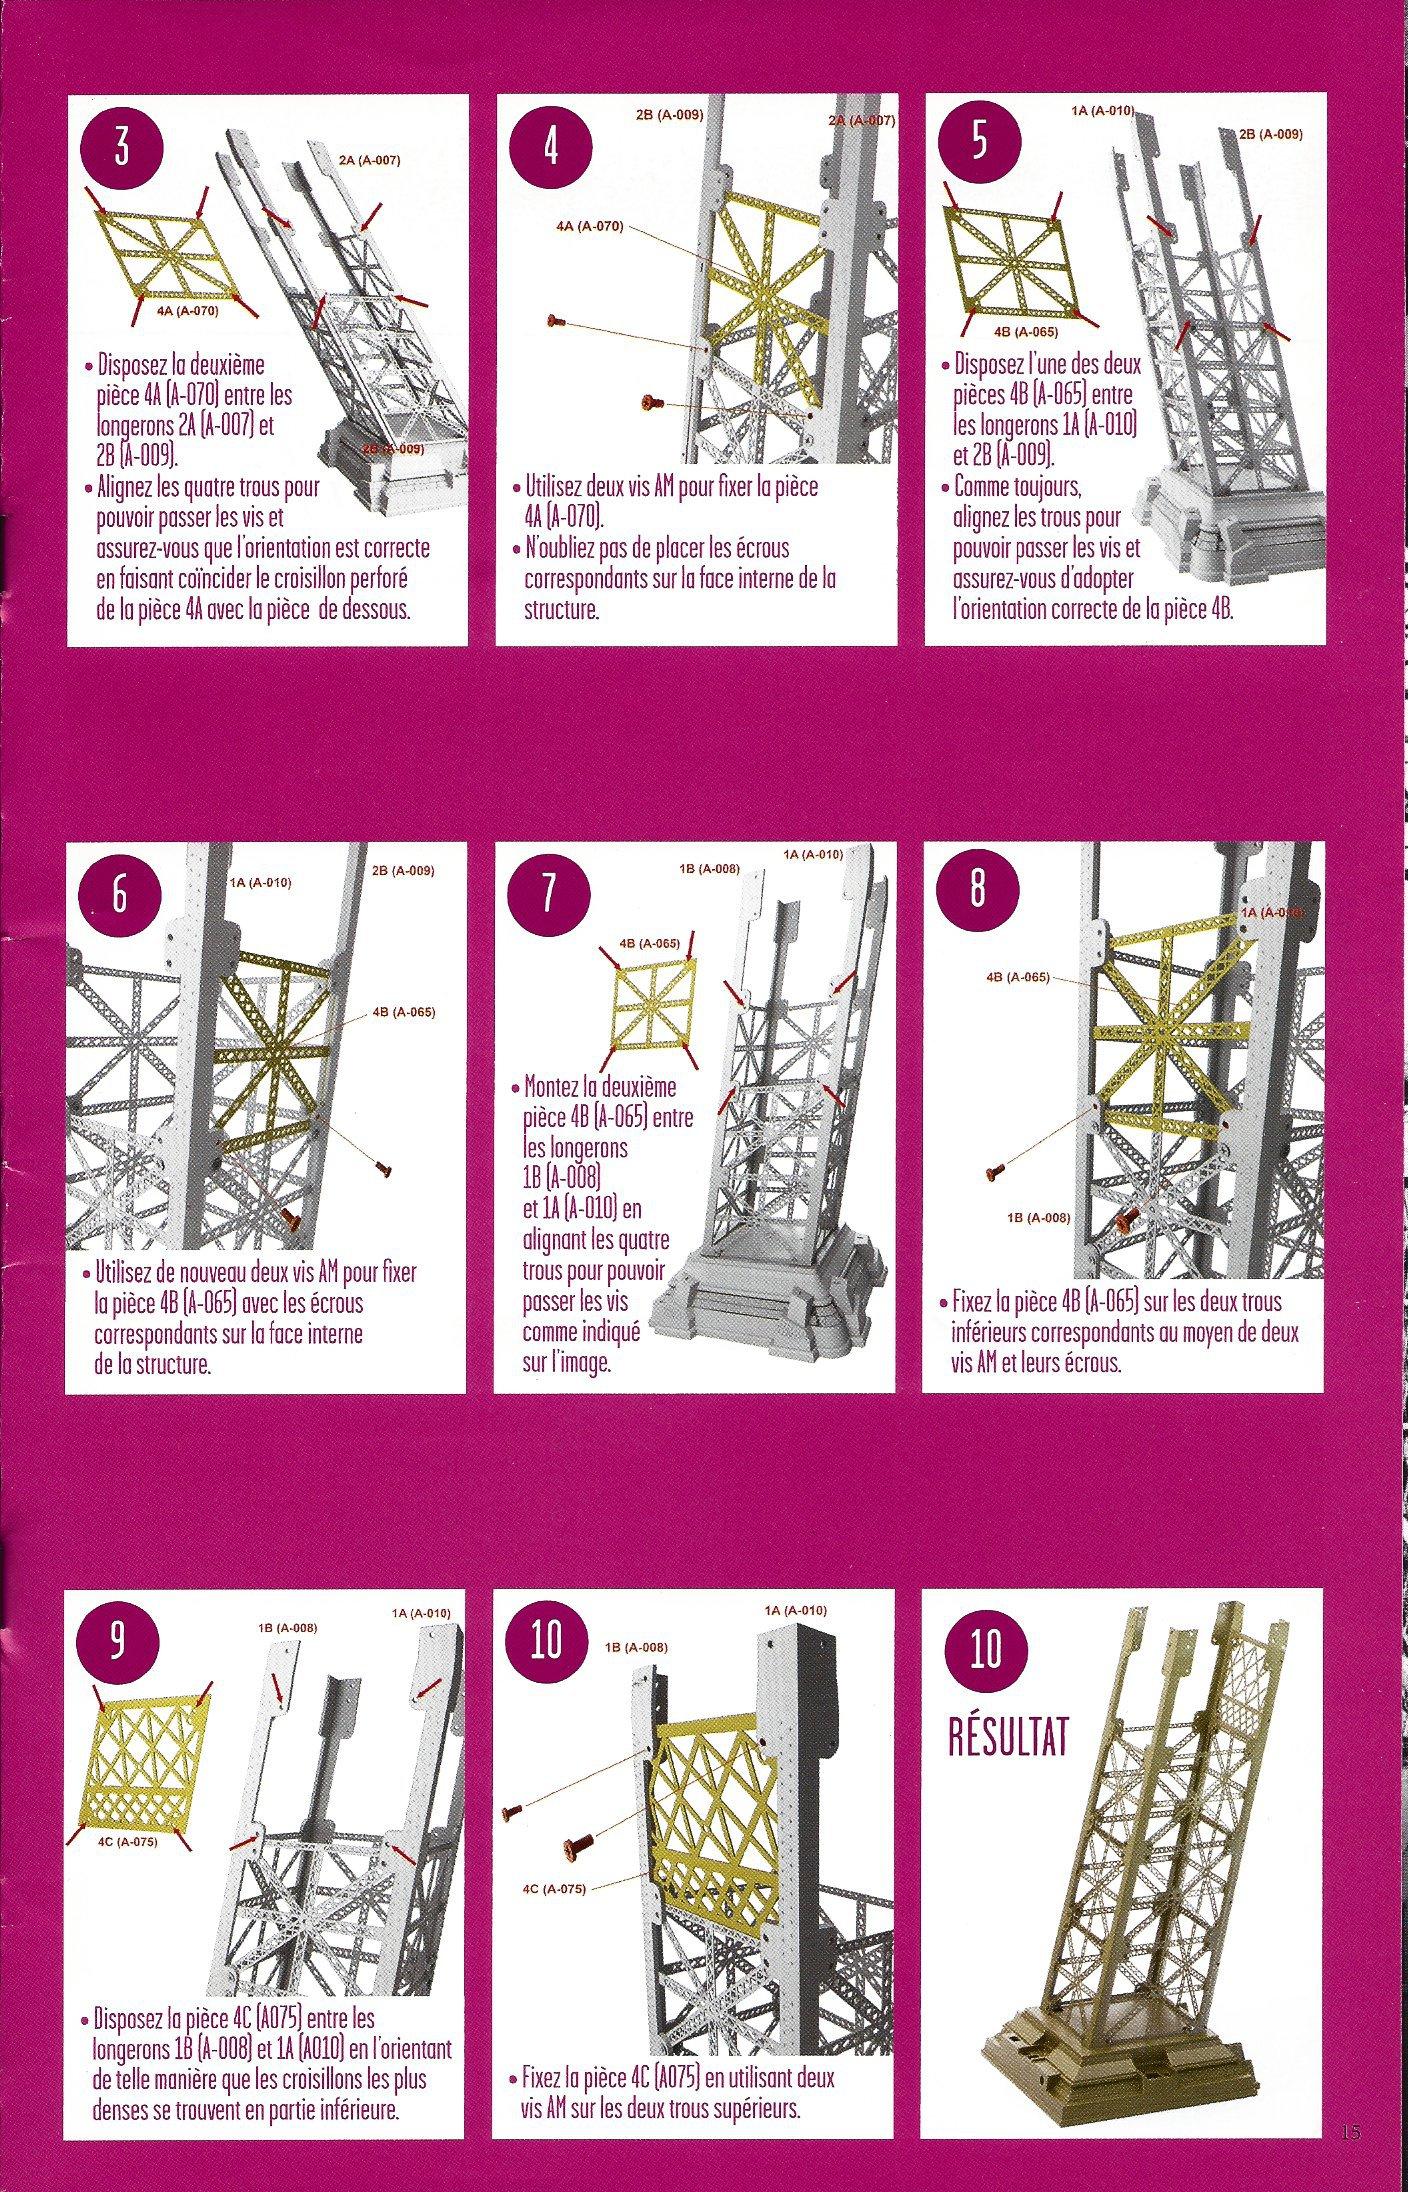 Numéro 4 - Je construis la Tour Eiffel - La tour Eiffel et la mode 57989304c